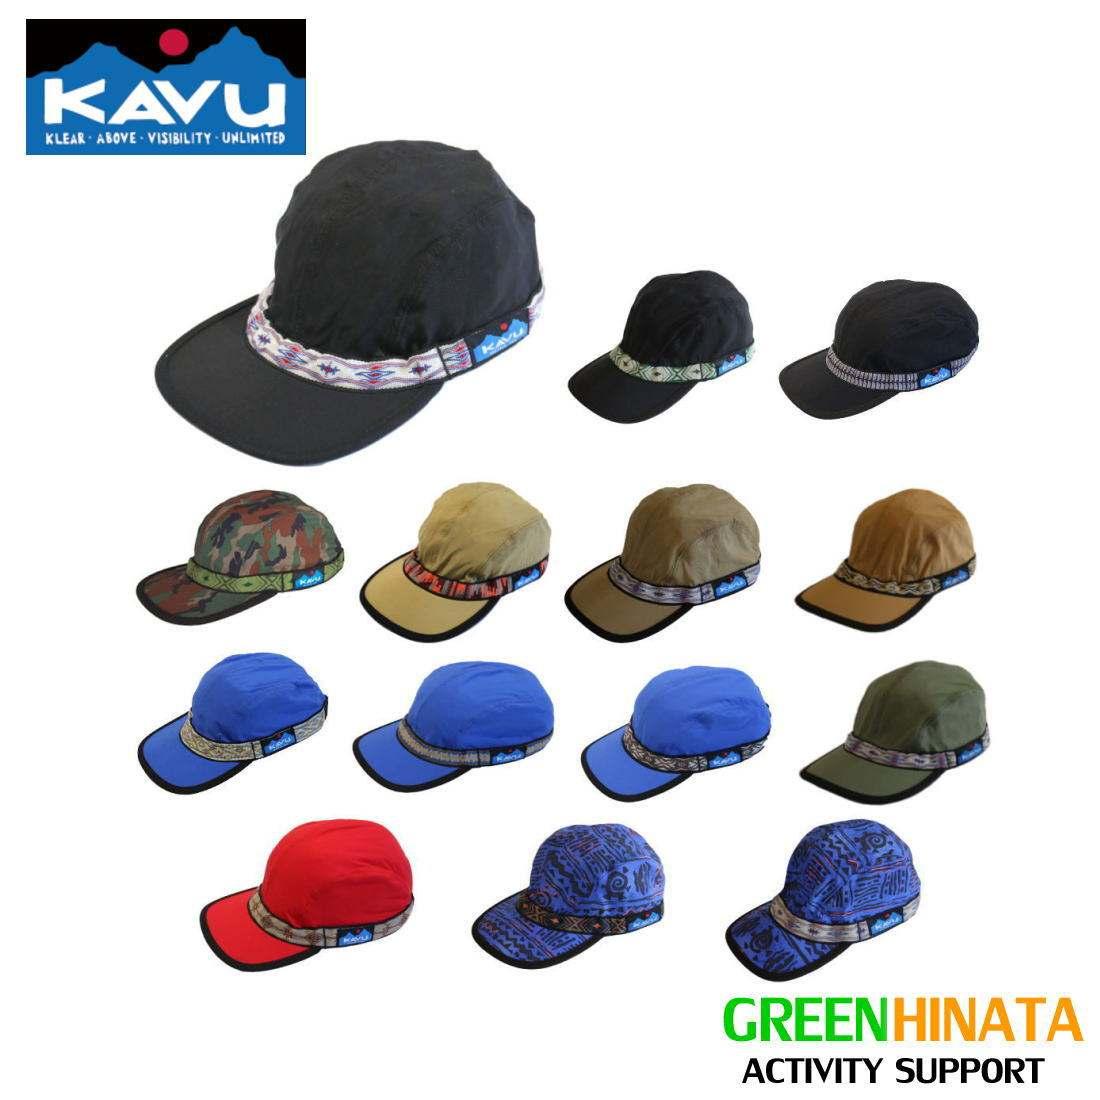 【国内正規品】 カブー シンセティックキャップ 帽子 KAVU SYNTHETIC STRAPCAP 軽量 速乾 キャップ